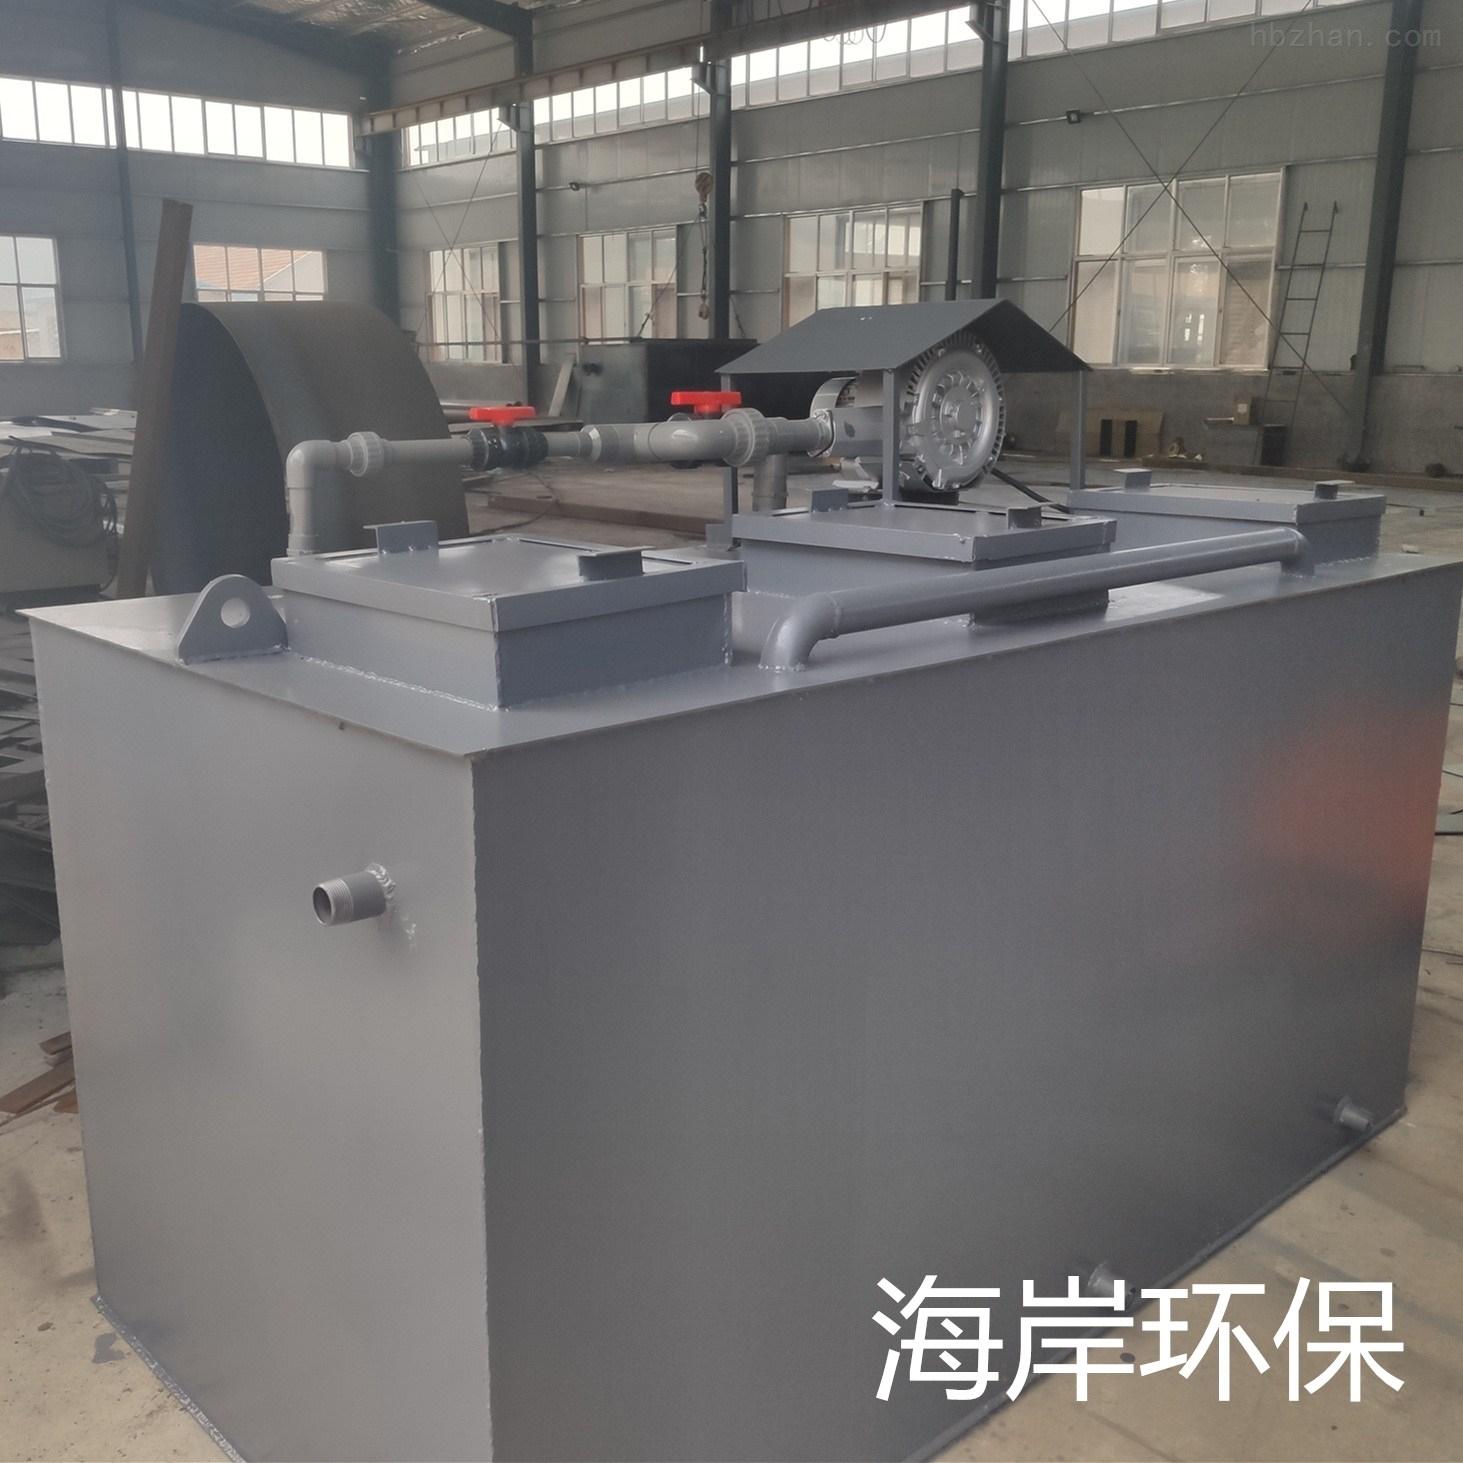 贵州贵阳污水处理设备包括哪些关键部件